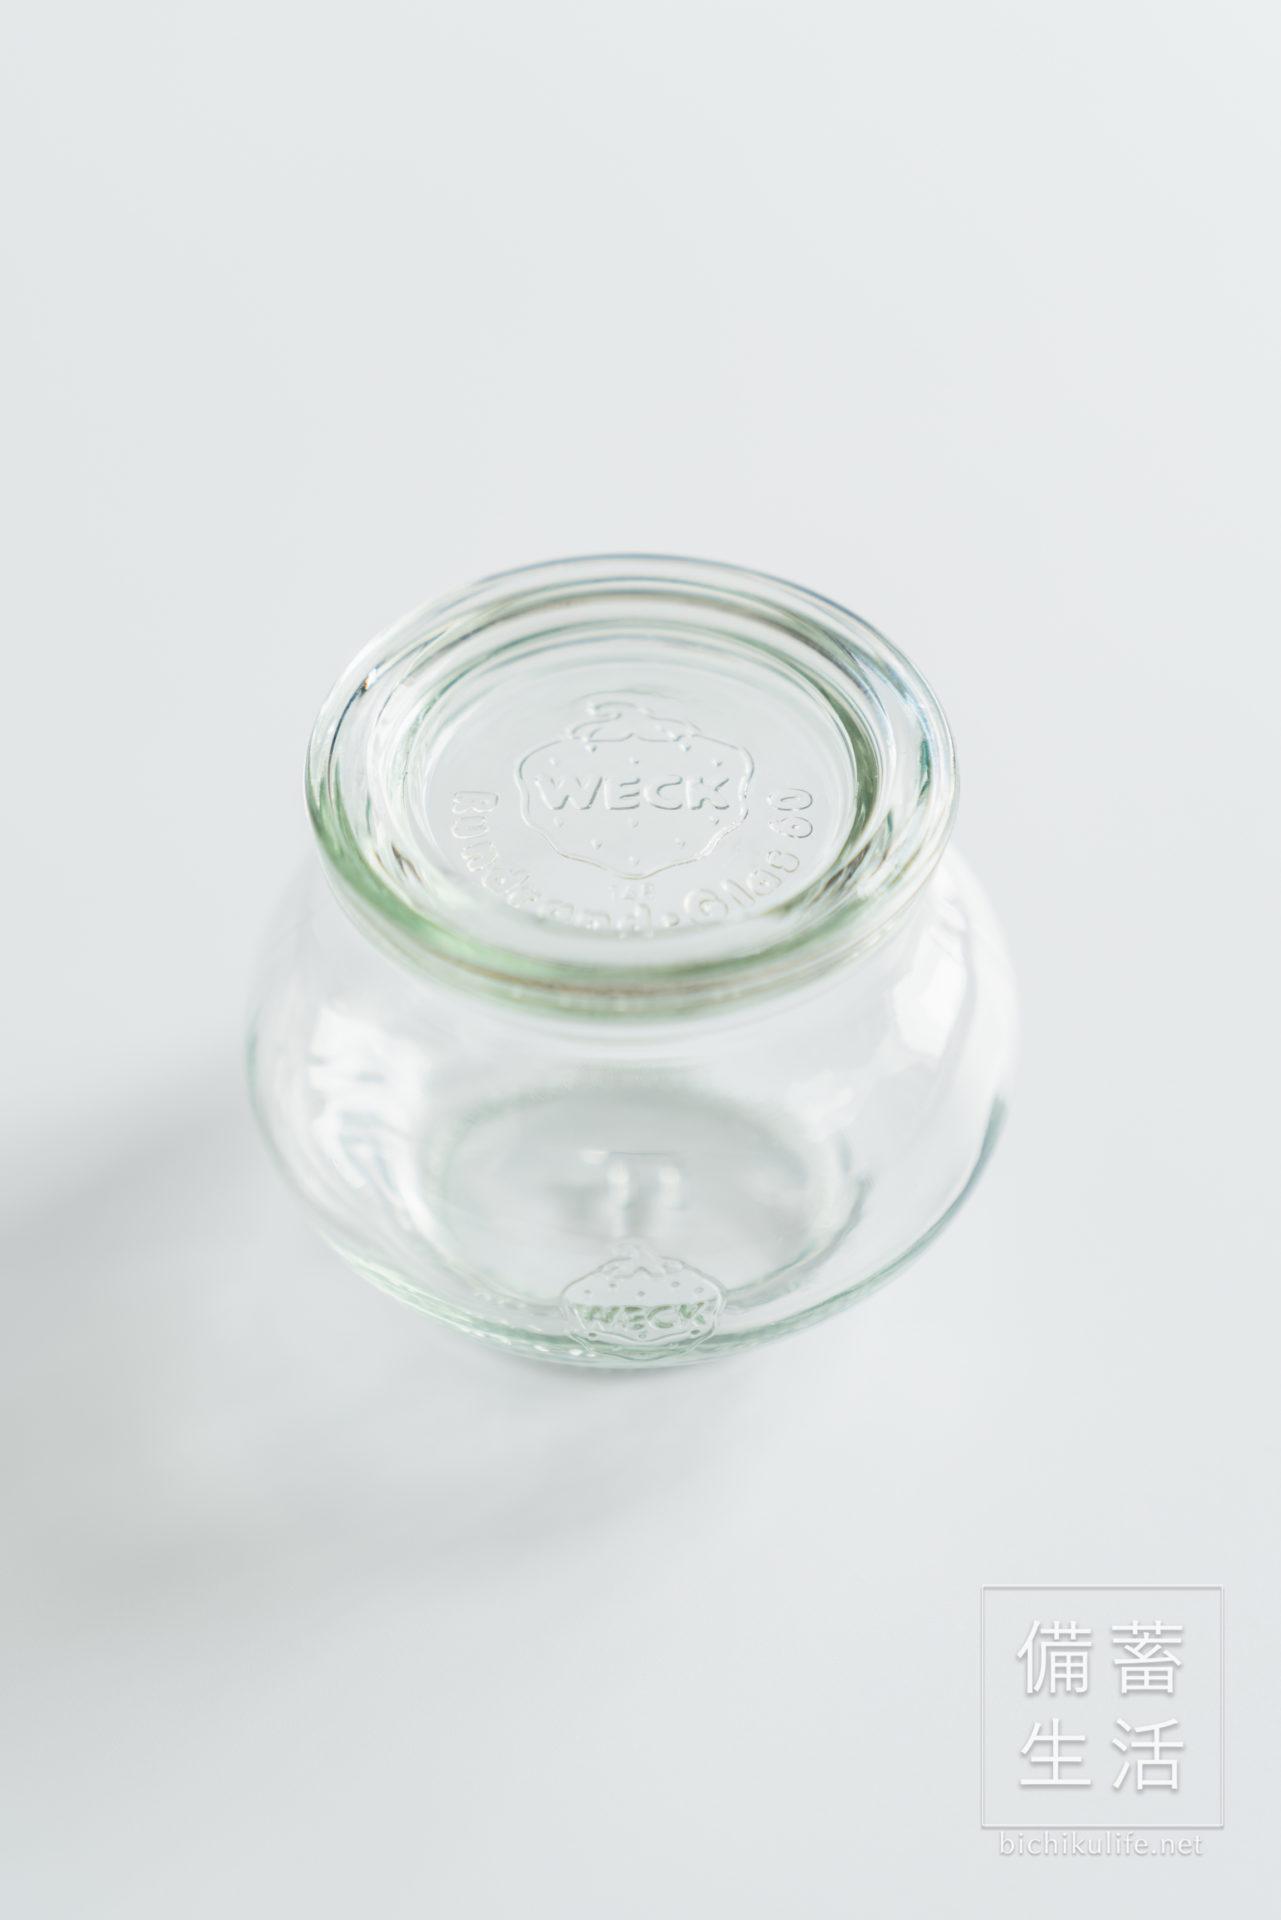 weck、WECK ウェックのガラス保存瓶、保存容器、デコシェイプ200ml